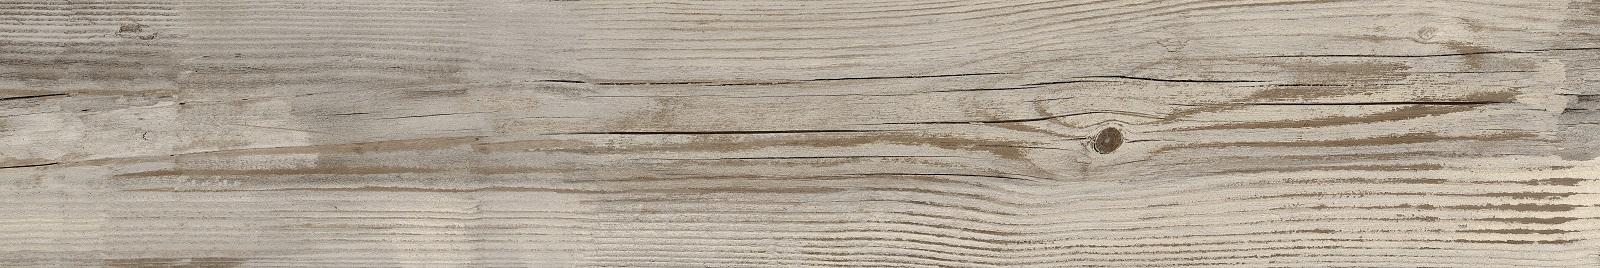 Плитка Legno Bruno (zzxlv6r) изображение 8